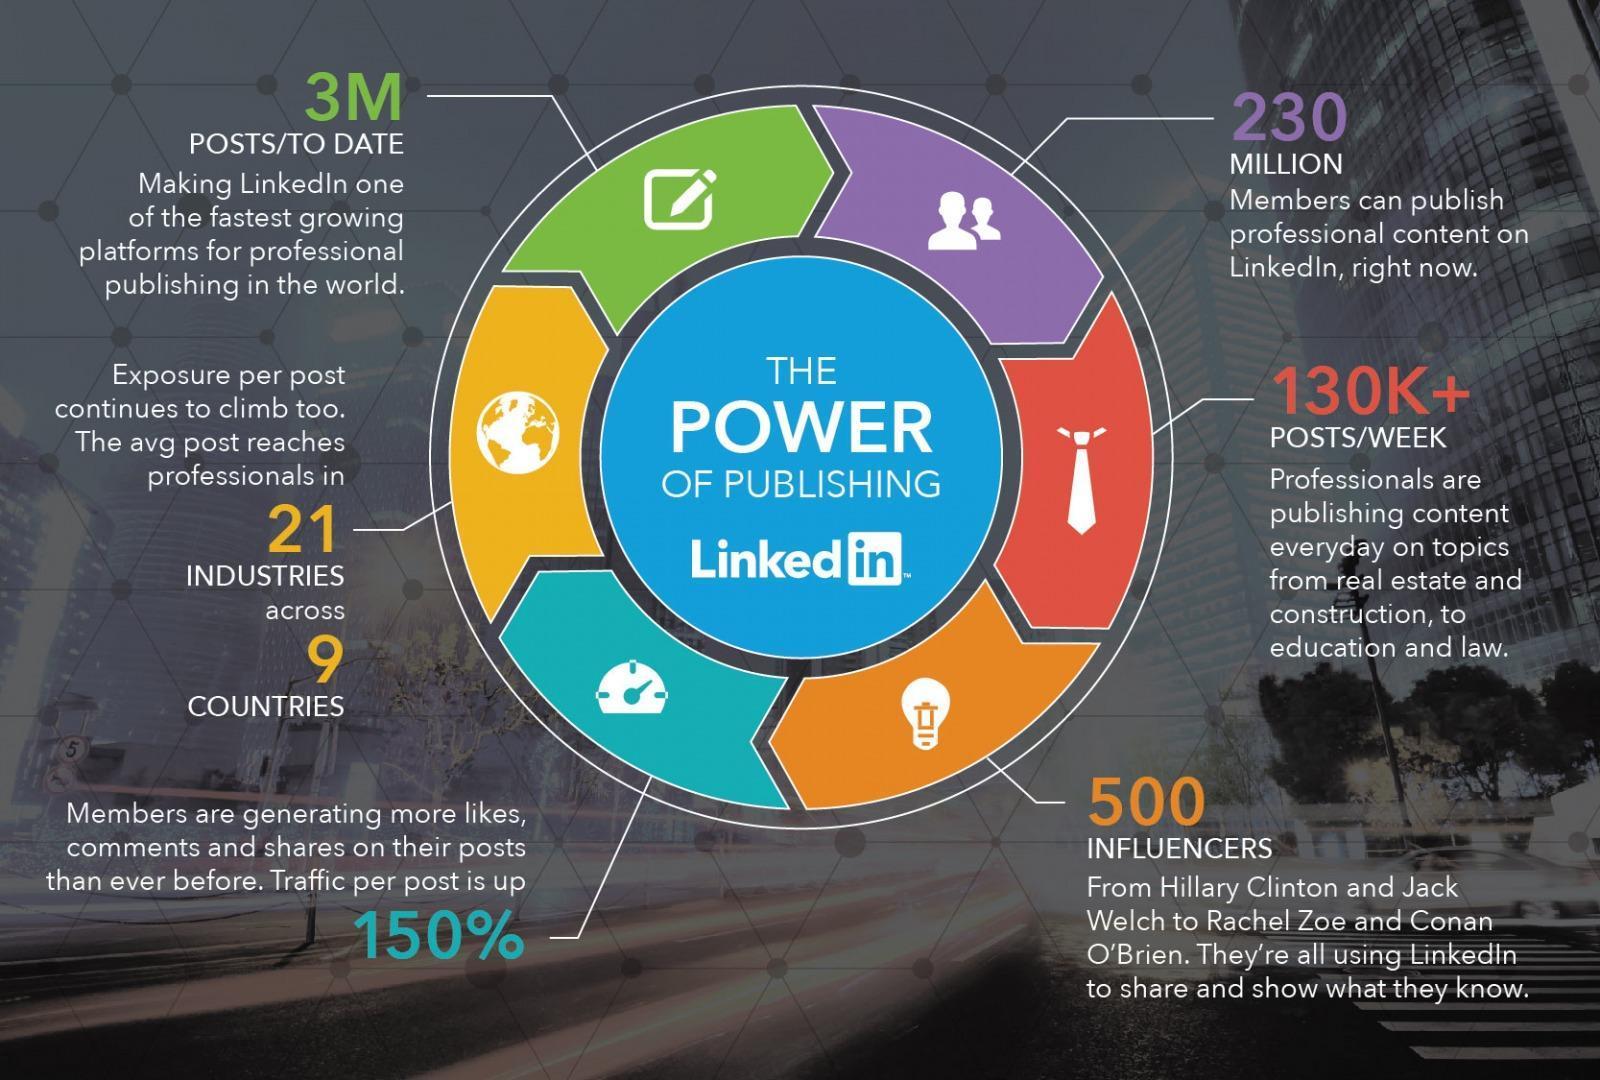 Beneficios_de_publicar_artículos_en_LinkedIn.jpeg